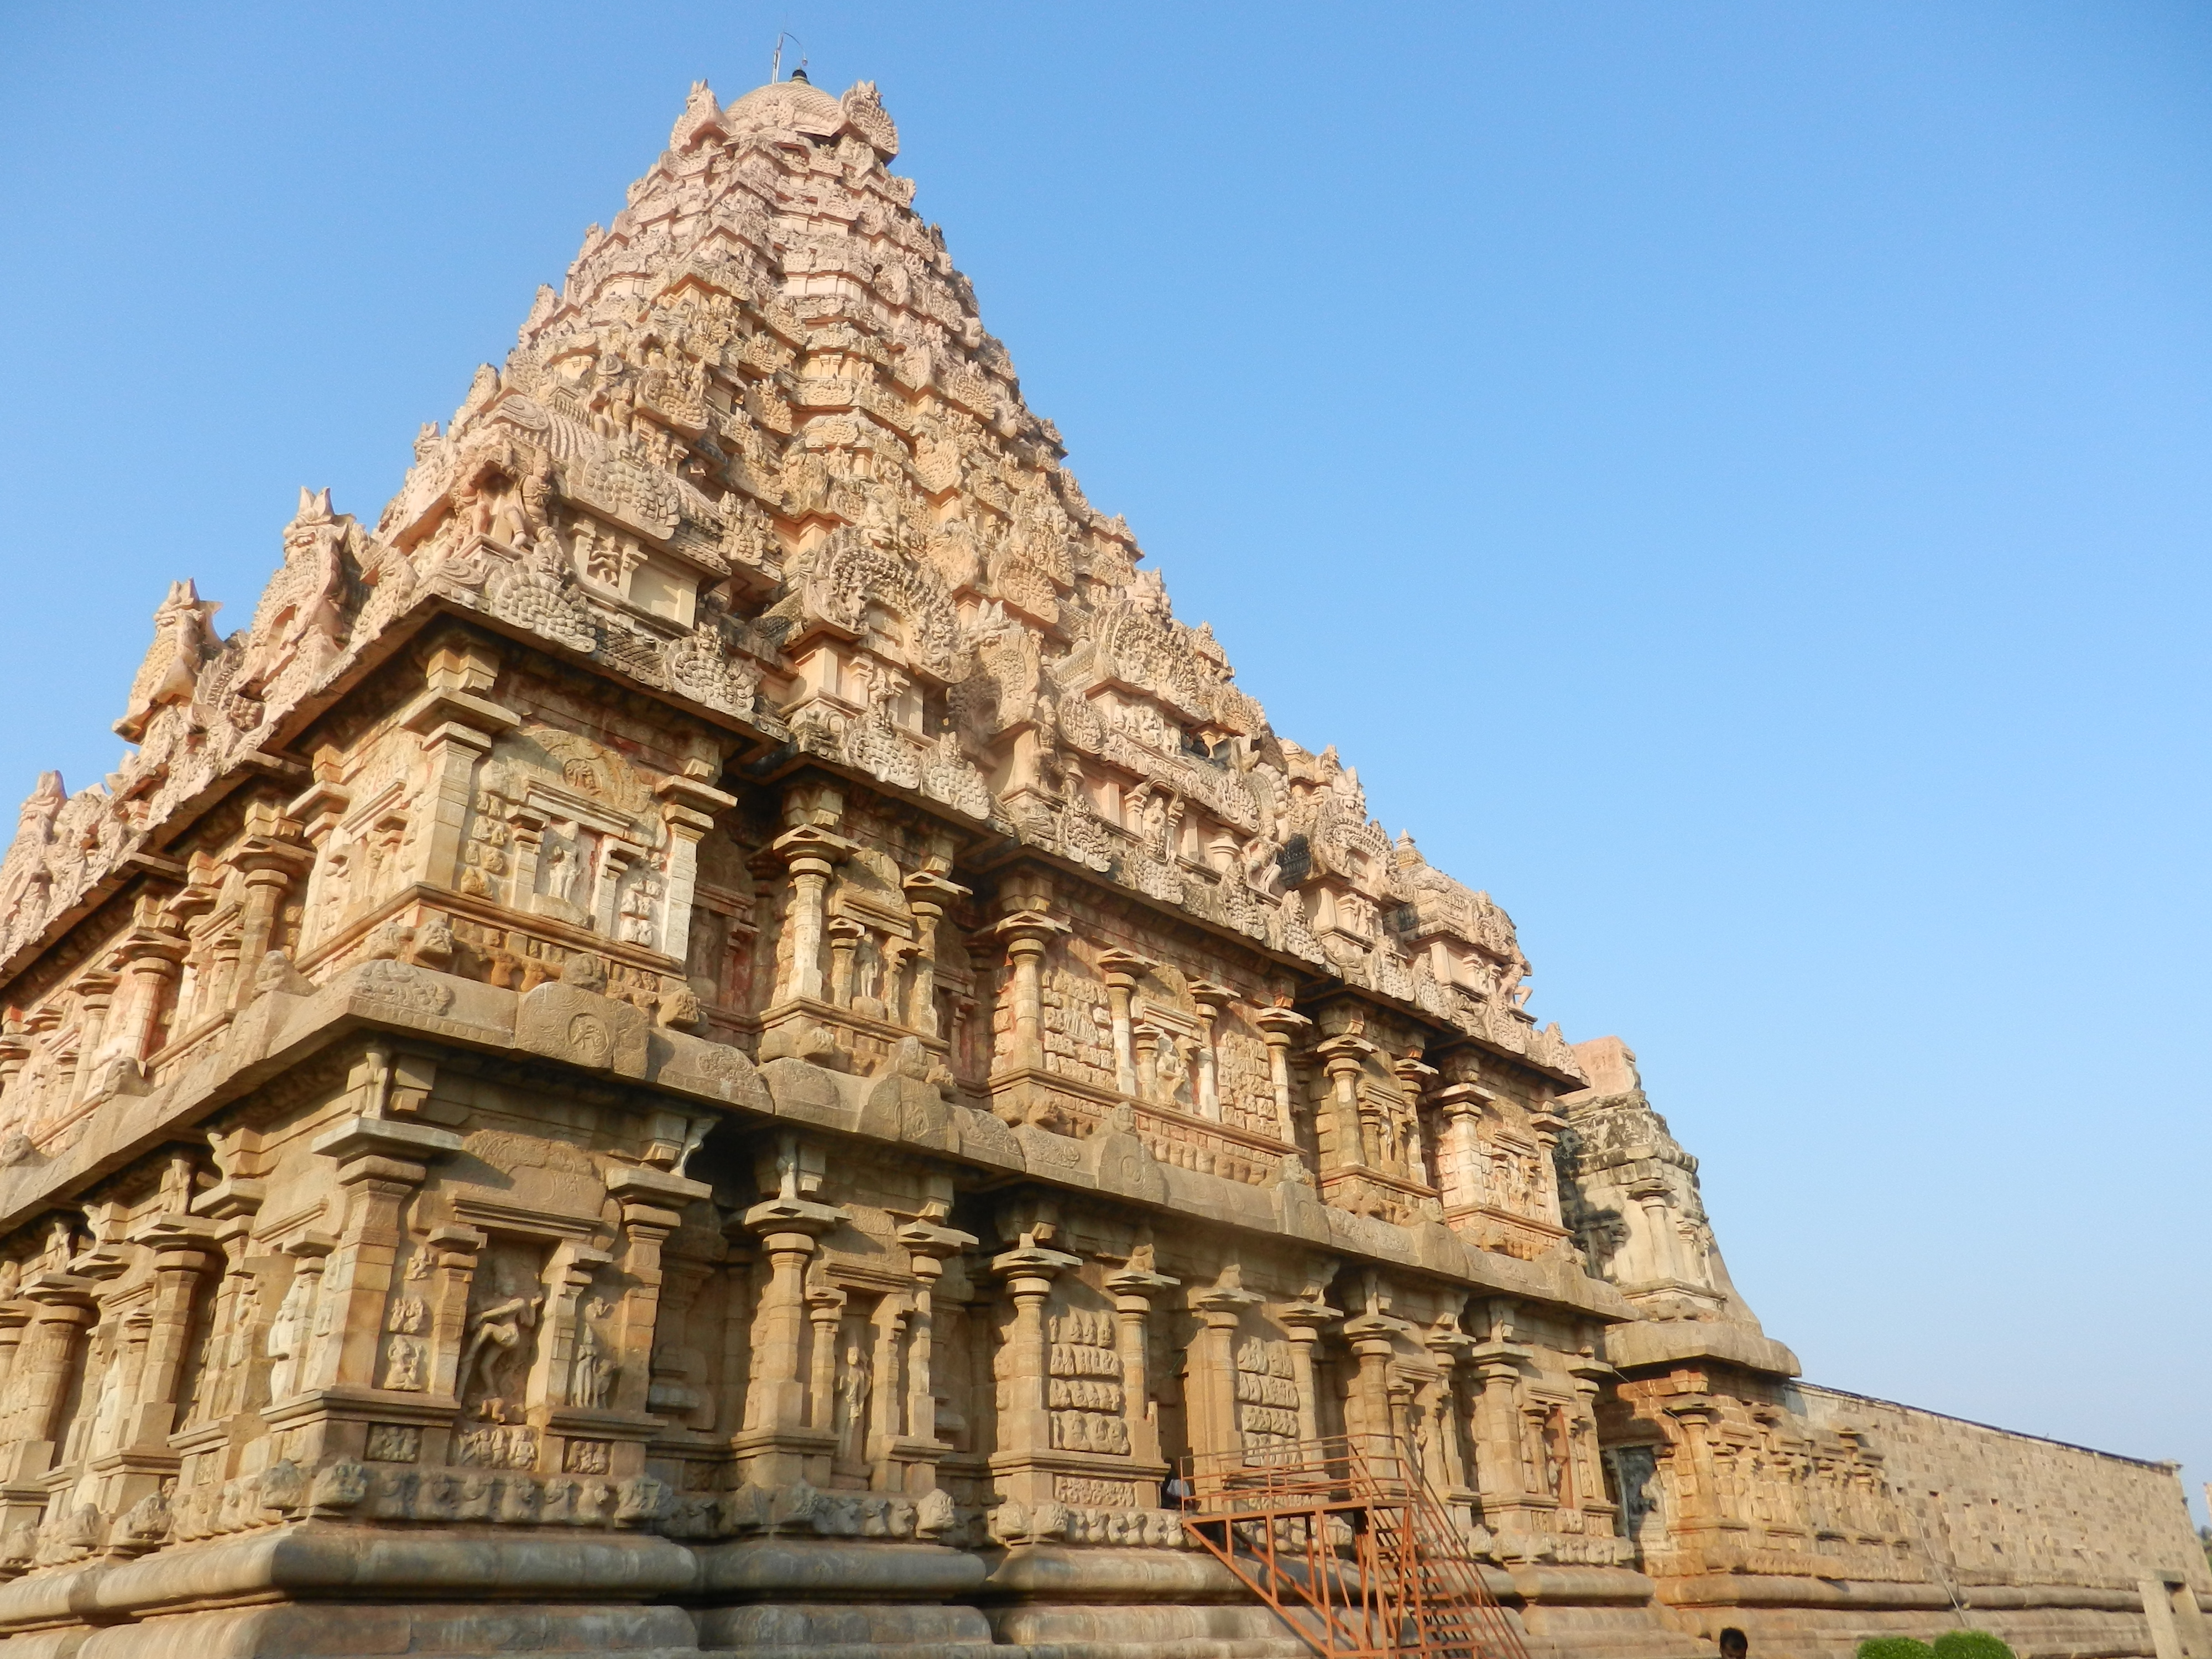 Chola Temple Gangaikondacholapuram